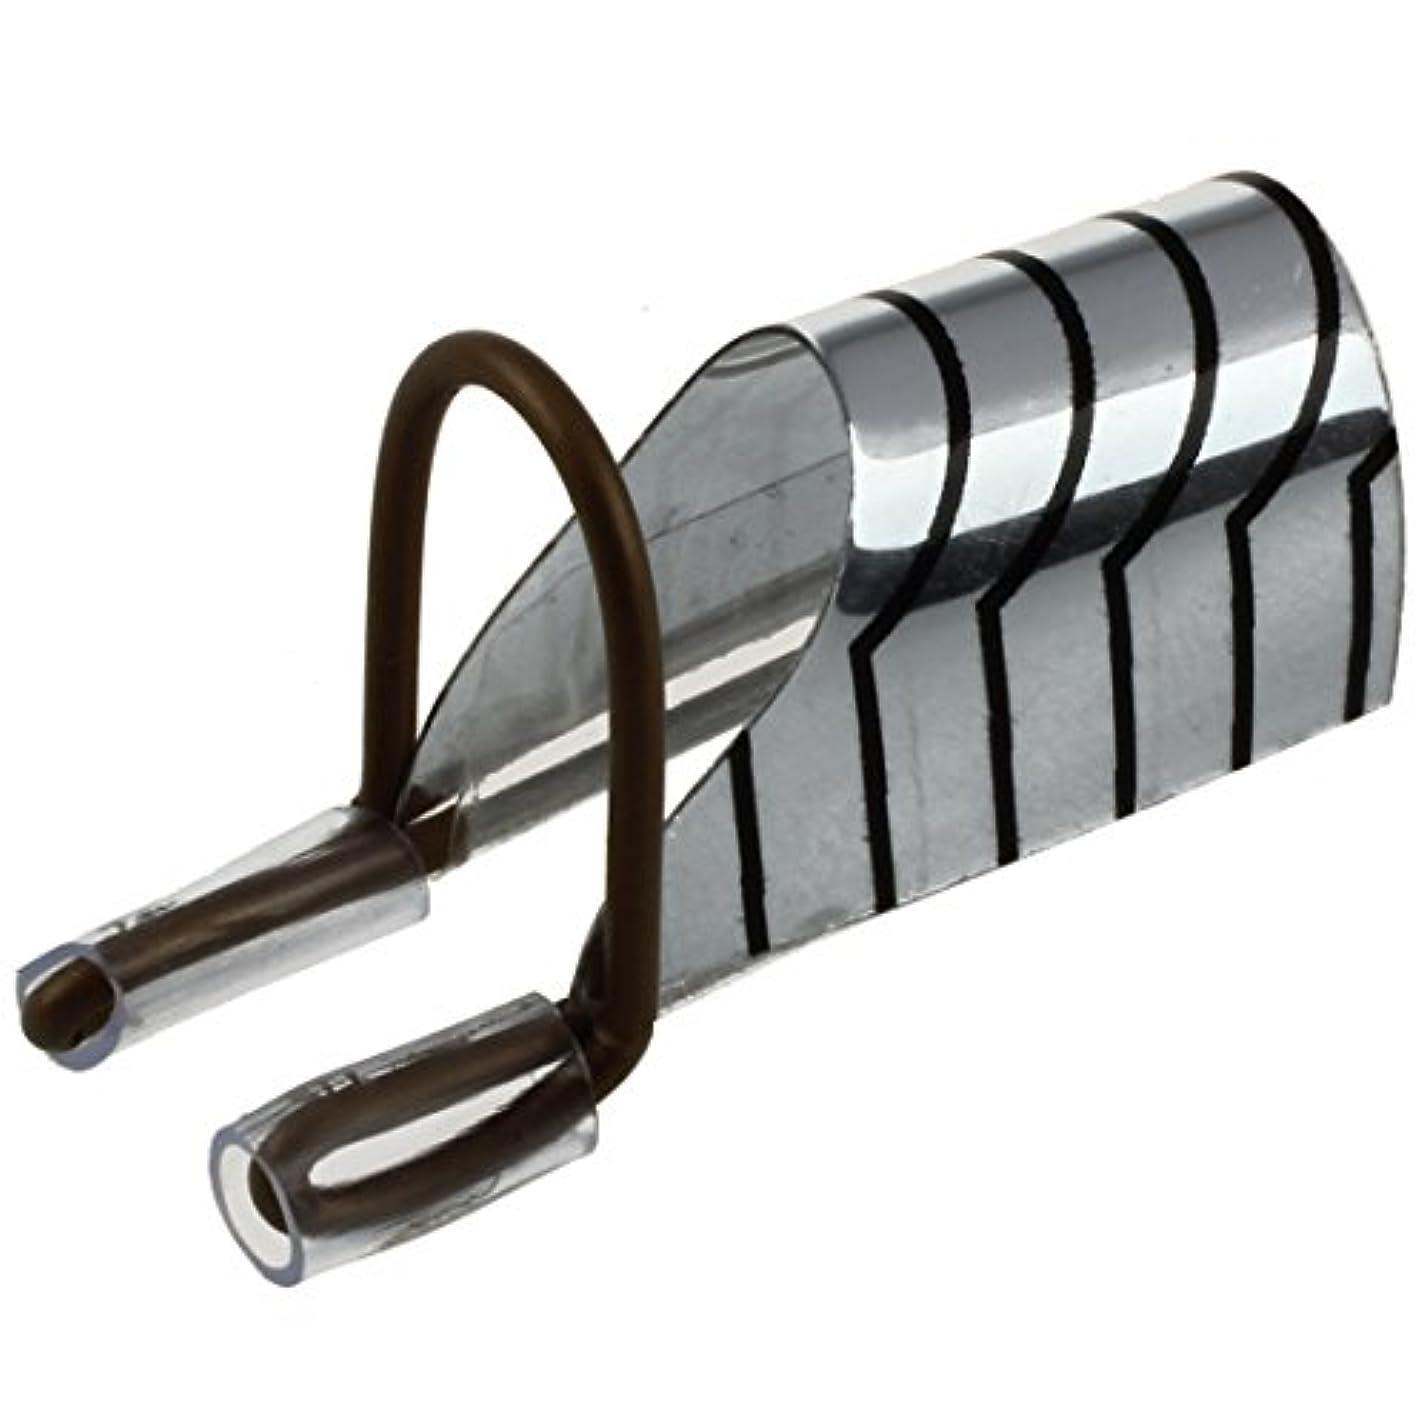 吸収剤ペンフレンドアダルトNrpfell Nrpfell(R) 5個再利用可能なネイルアートフォームのUVジェルフレンチアクリルヒントプロテクターツール銀箔W/ ボックス